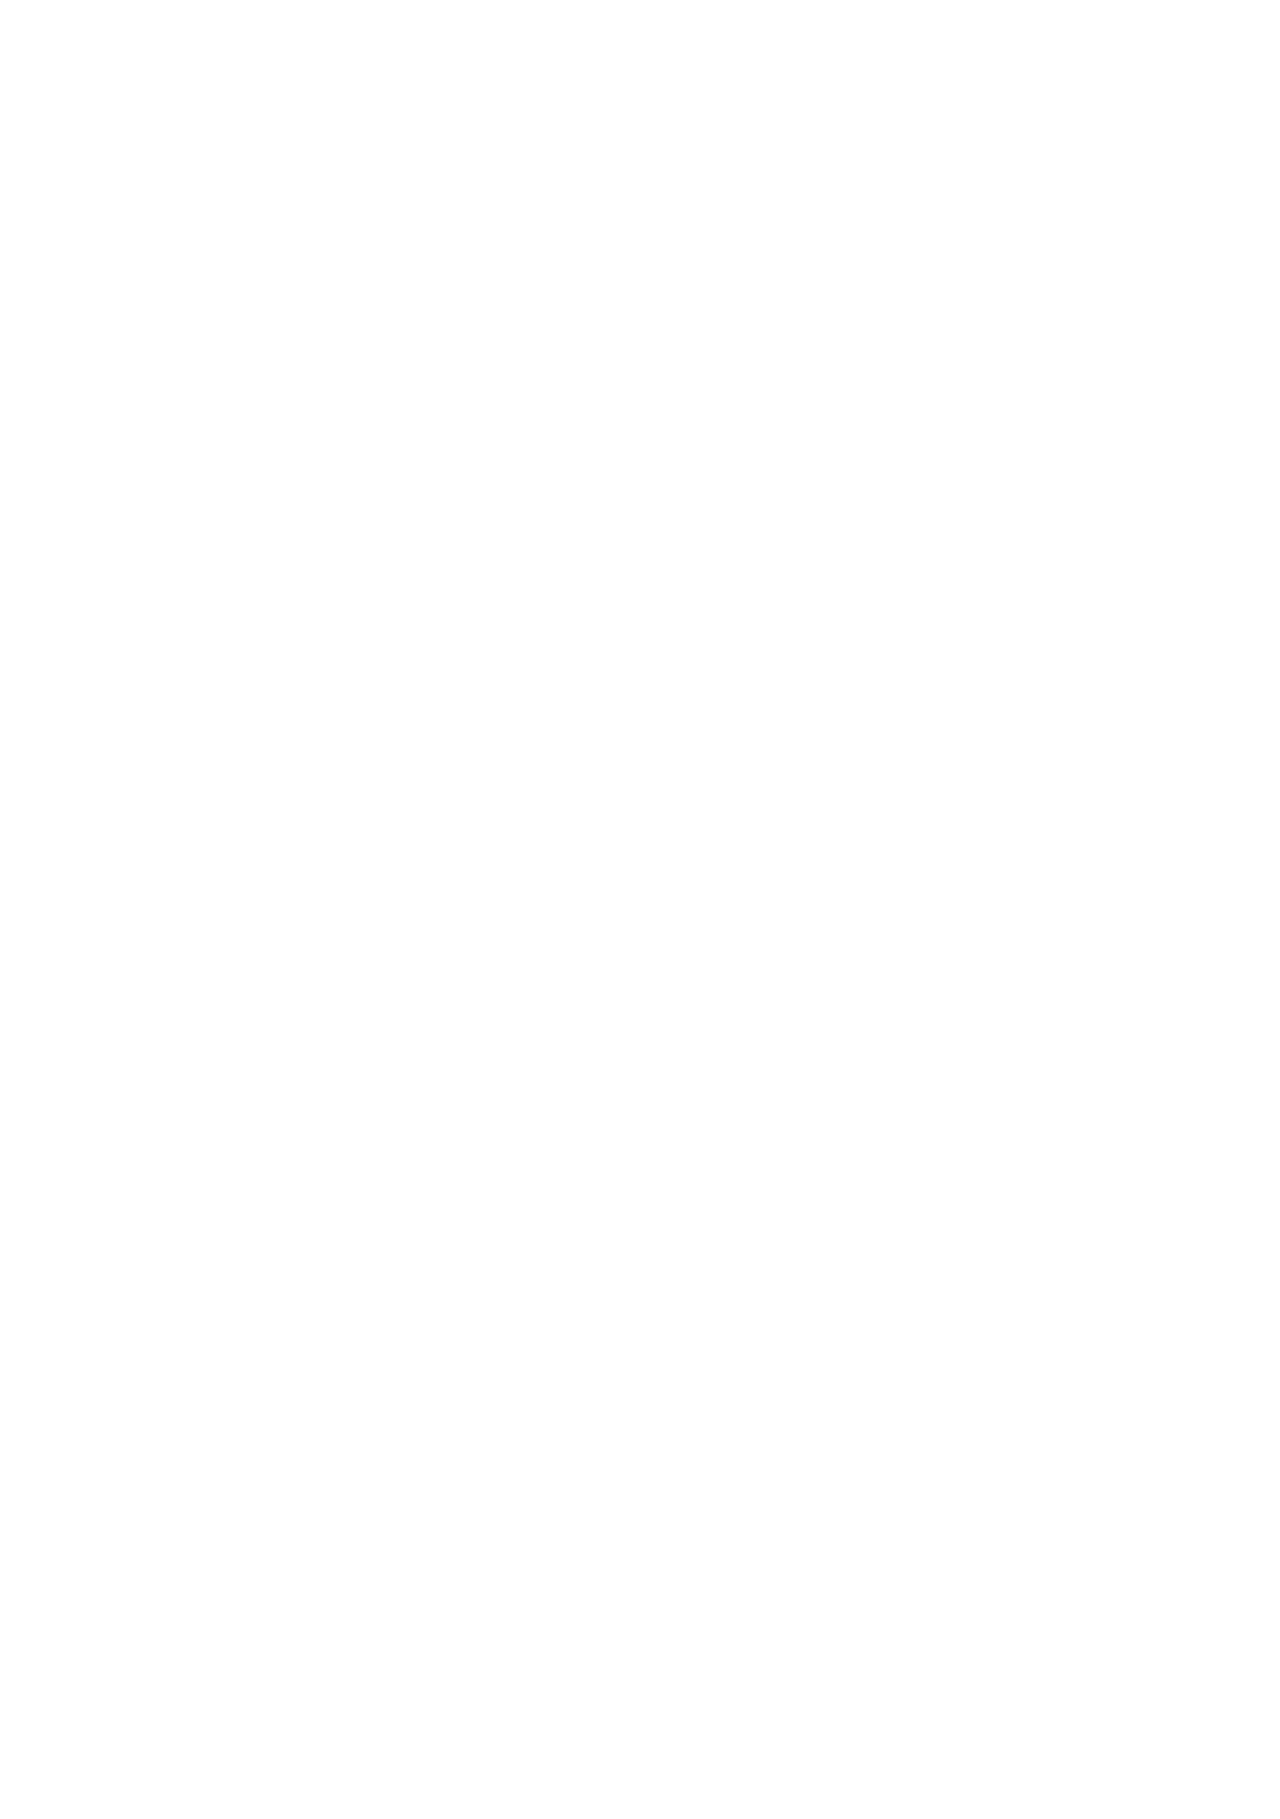 [seventh zest (Mutsuno Hexa)] Ecchi na Doujinshi wa Suki desu ka? -EchiSuki 1- | Do You Like Hentai Doujinshi? -HSUKI 1- [English] [Decensored] [Digital] 1